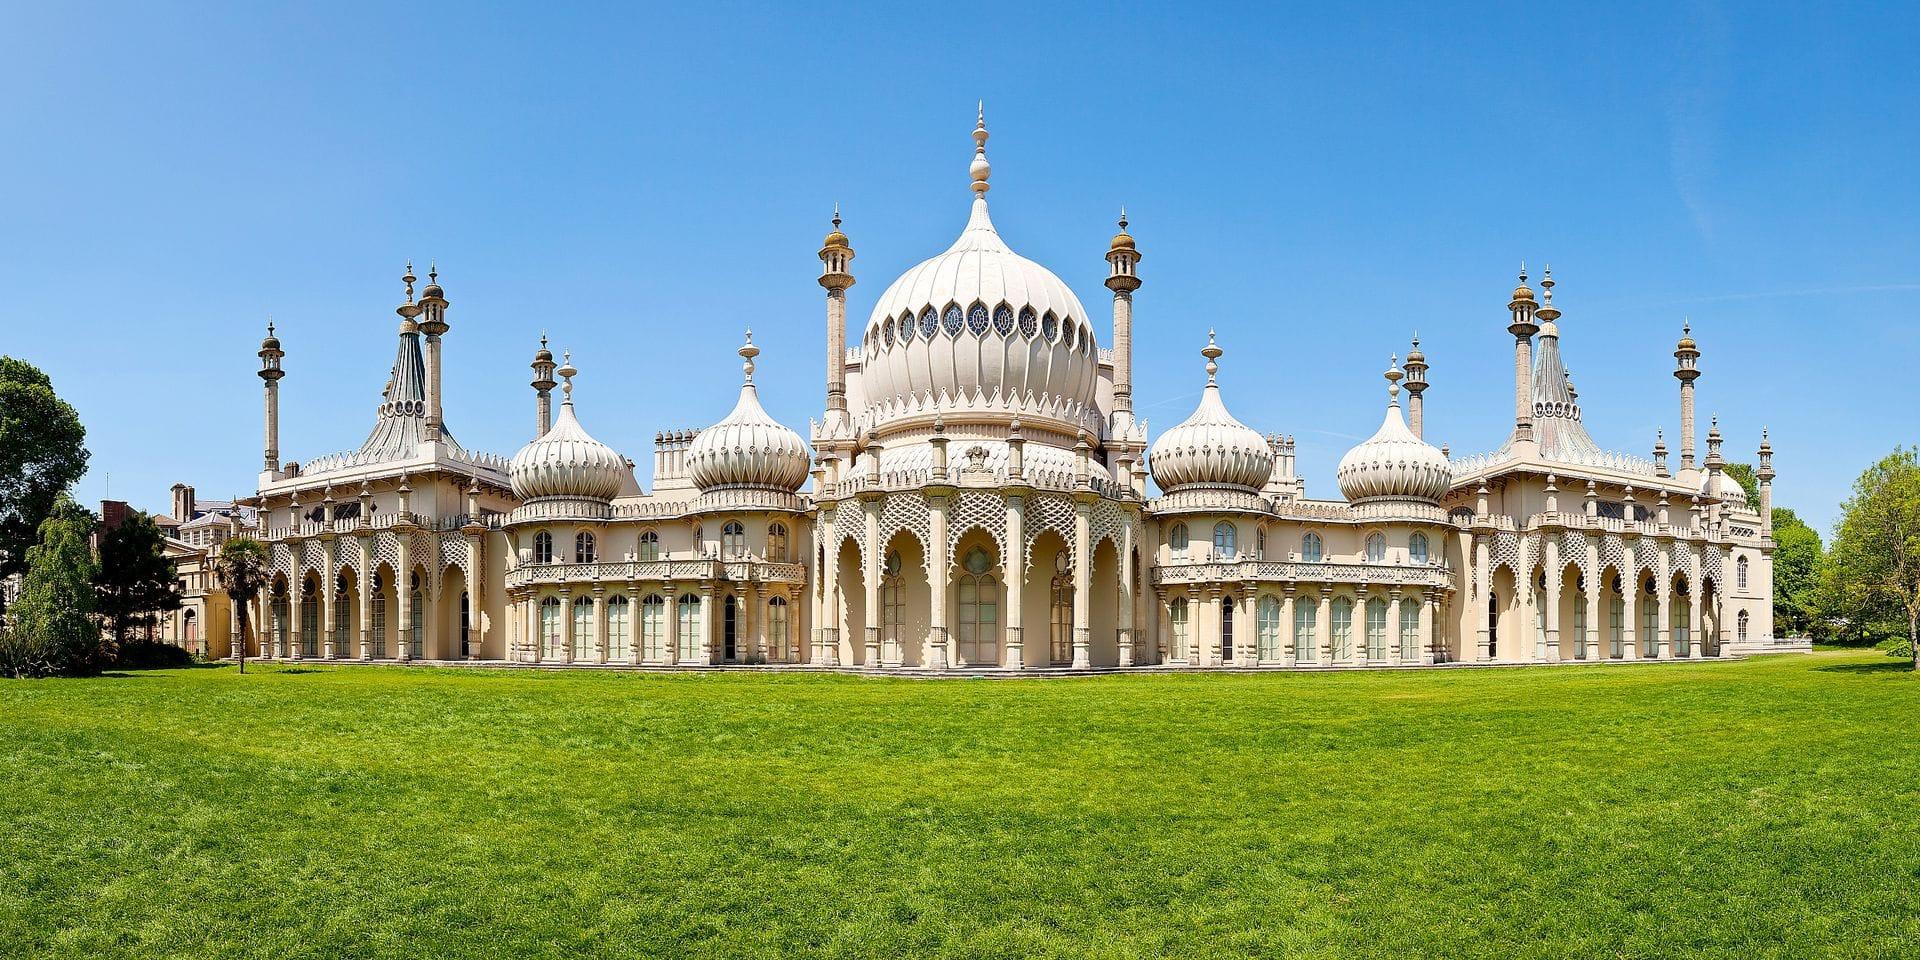 Retour au pavillon royal de Brighton: 120 objets vont retrouver leur demeure d'origine